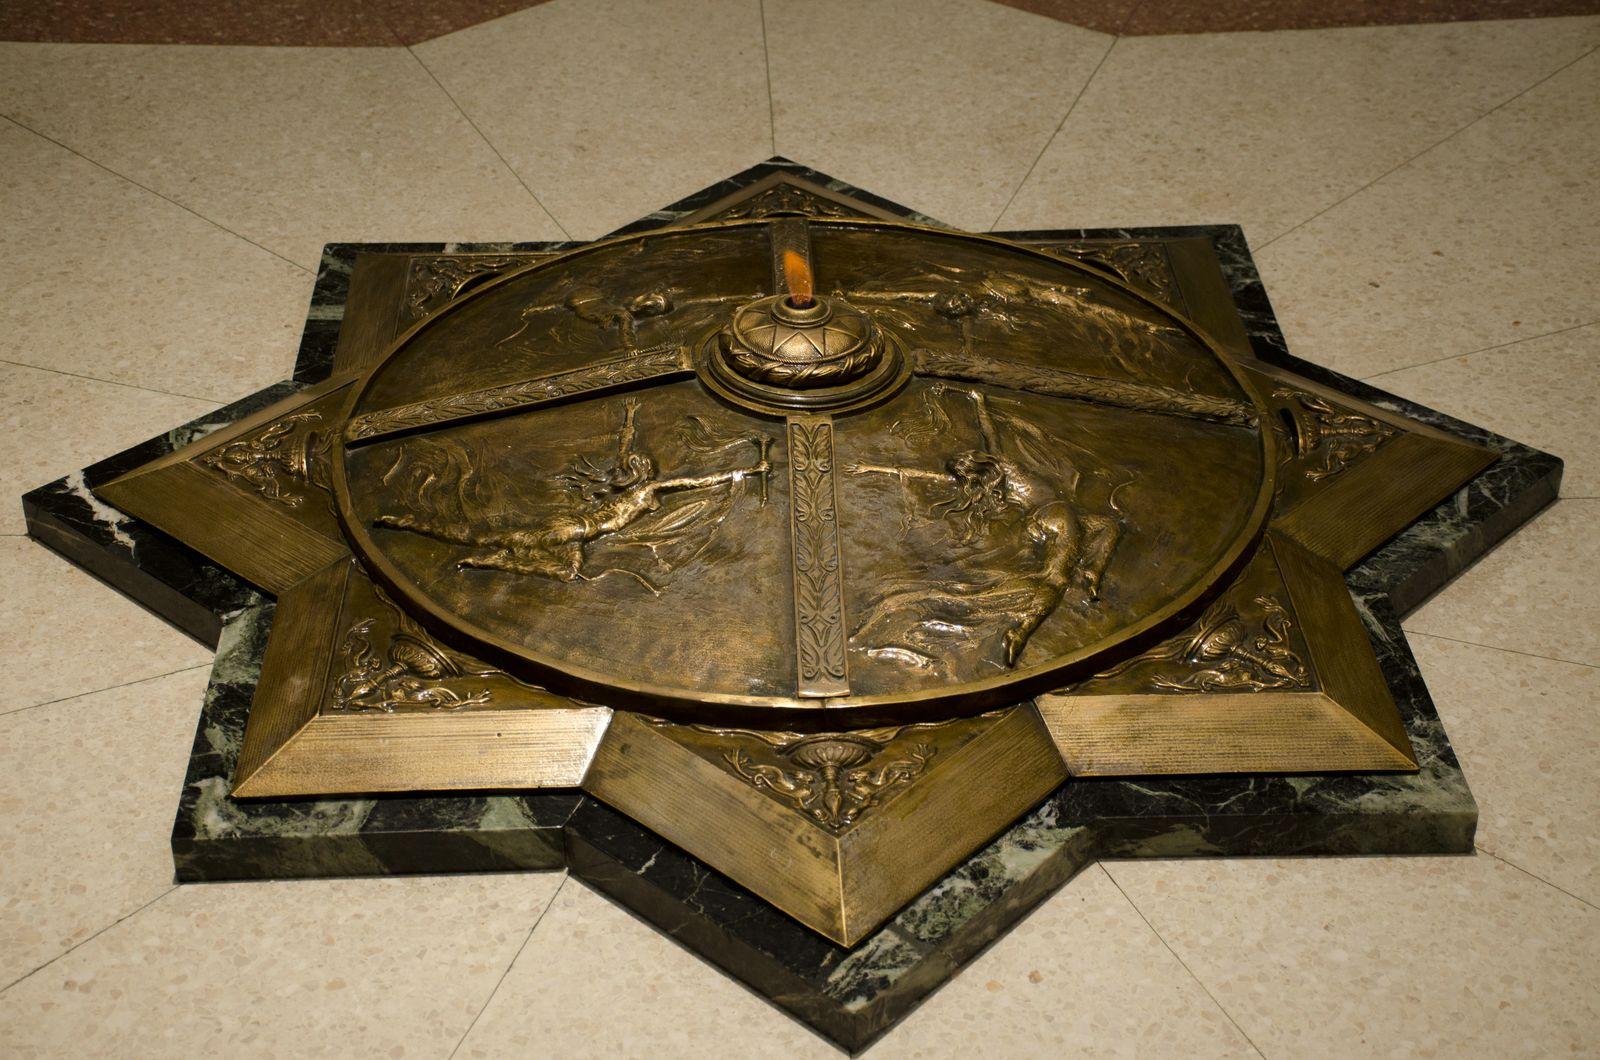 13. La llama eterna de bronce y mármol de la Cripta al Mambí Desconocido